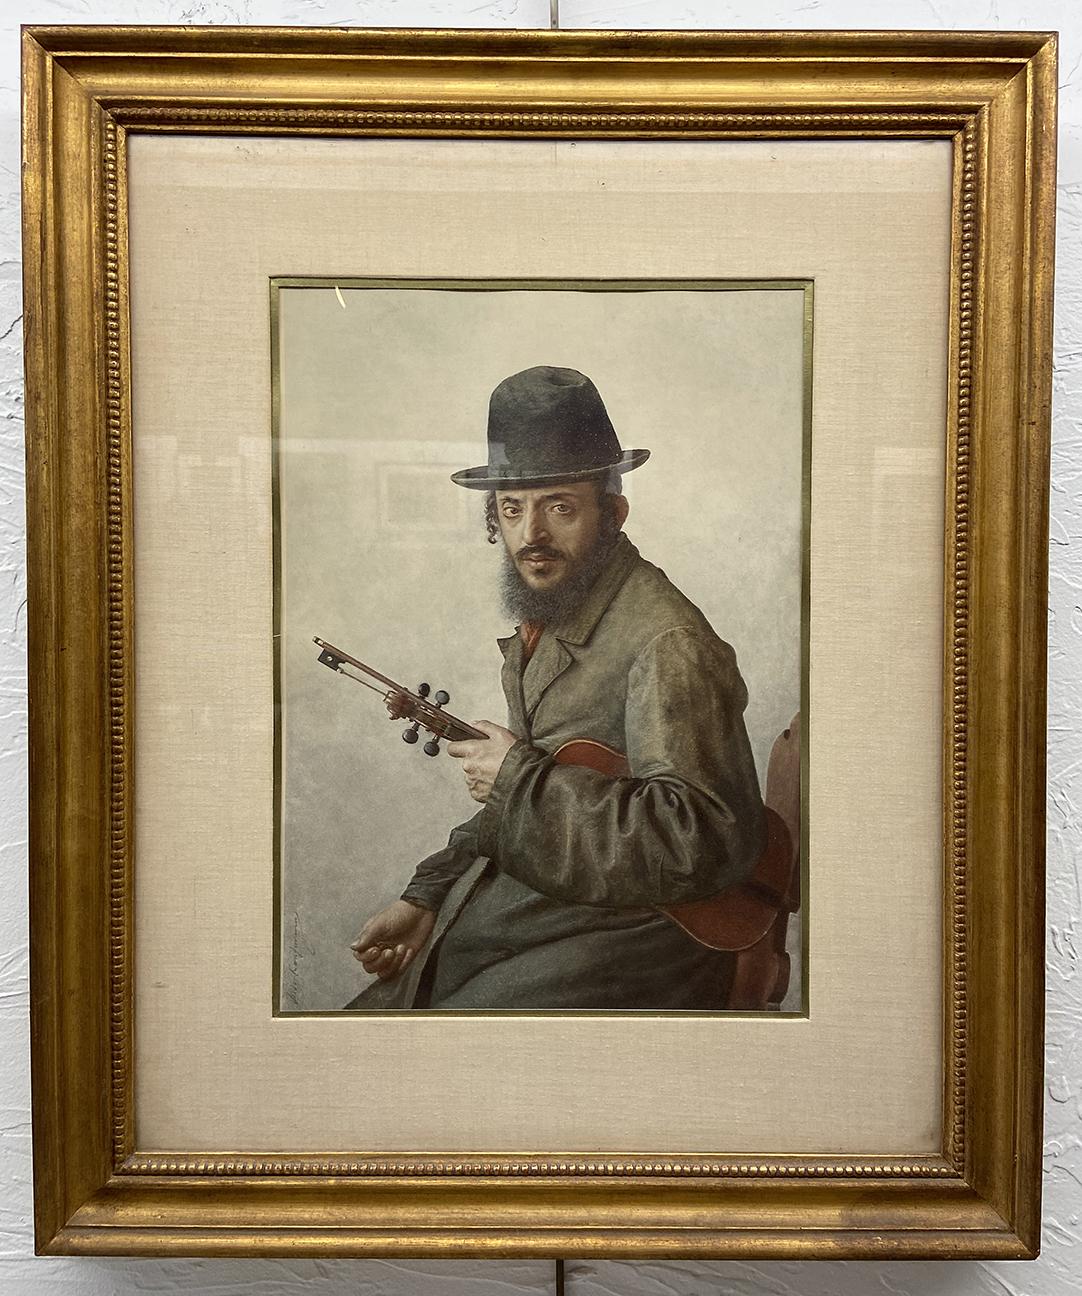 #2 Man with Violin, Jordan Kaufmann, Print (24 x 20), $20.00 suggested minimum bid  (63 meals)